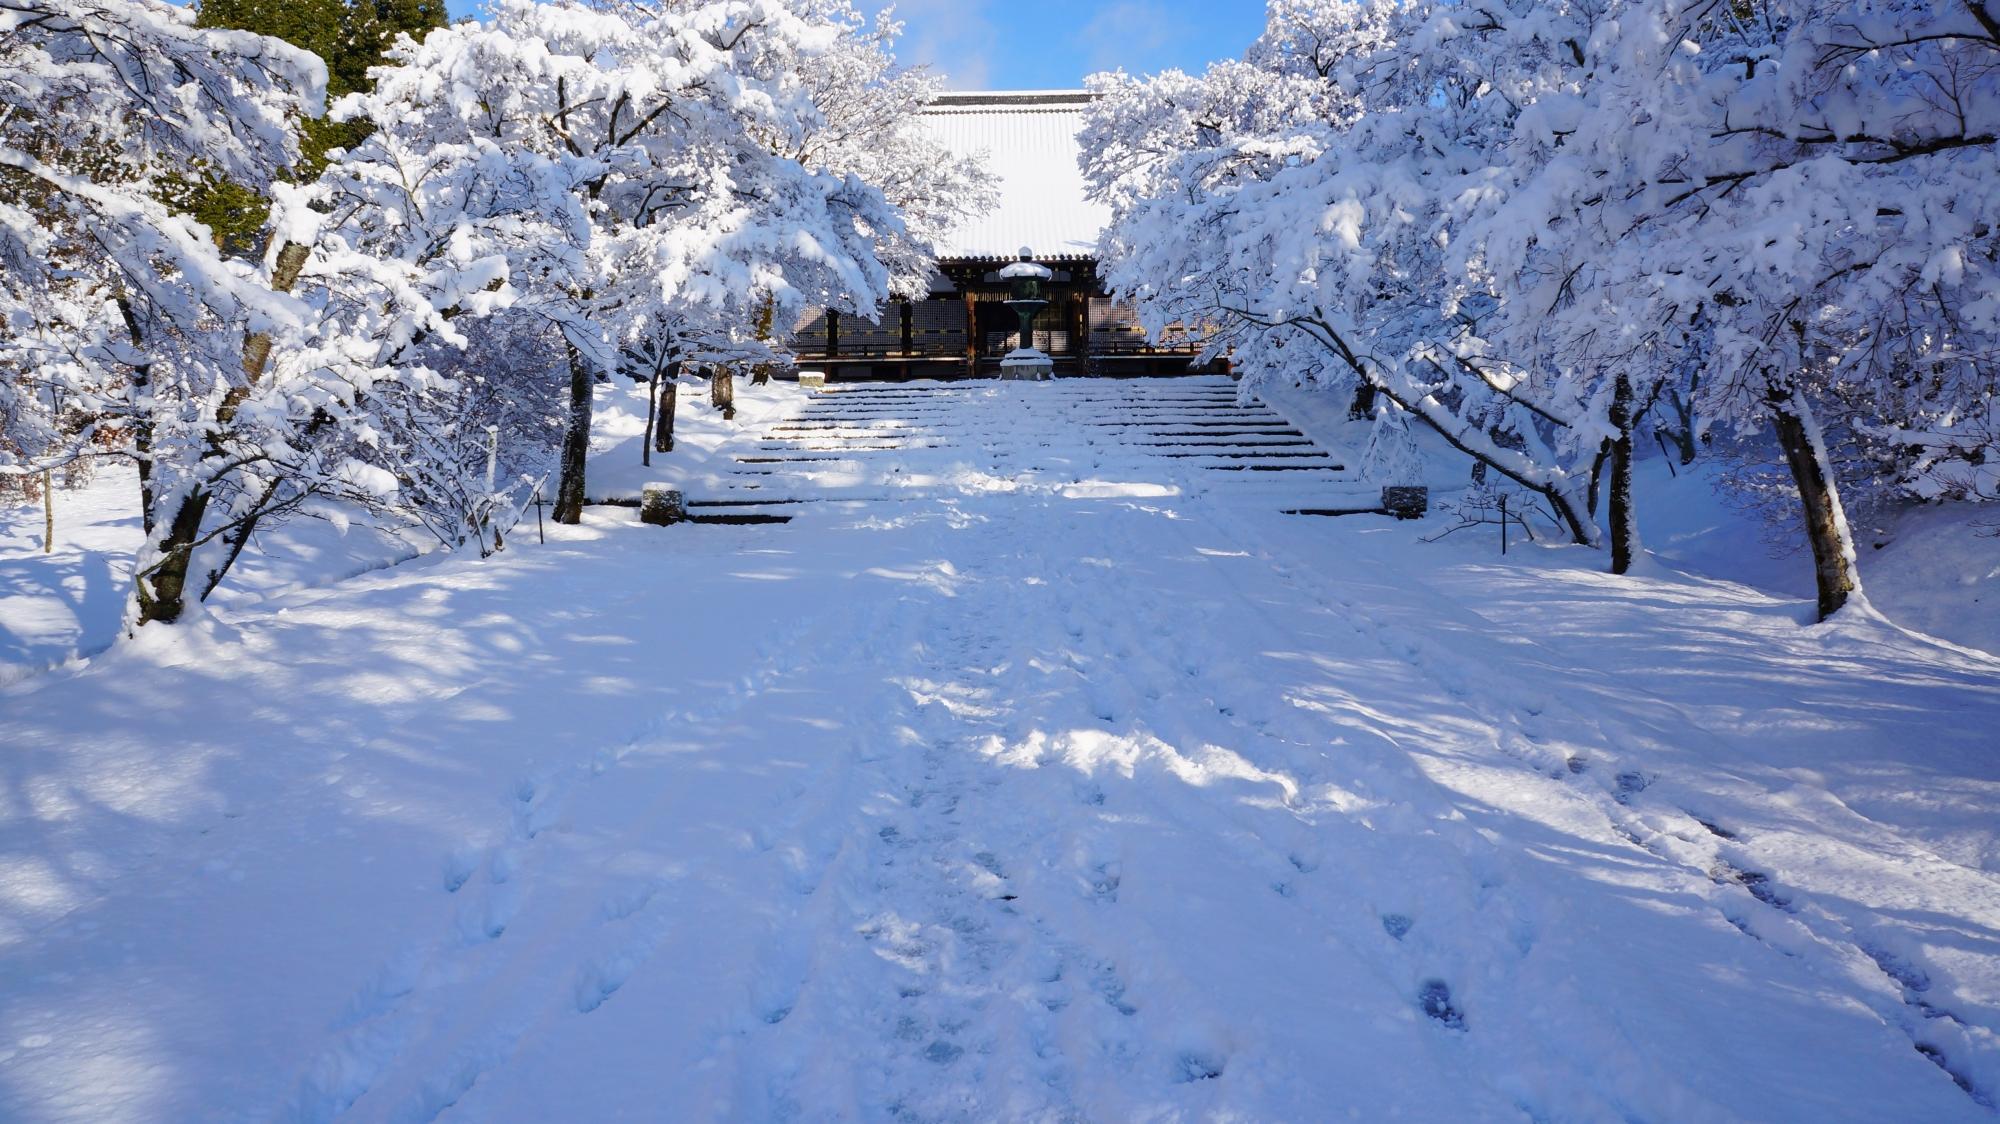 仁和寺の金堂の雪景色